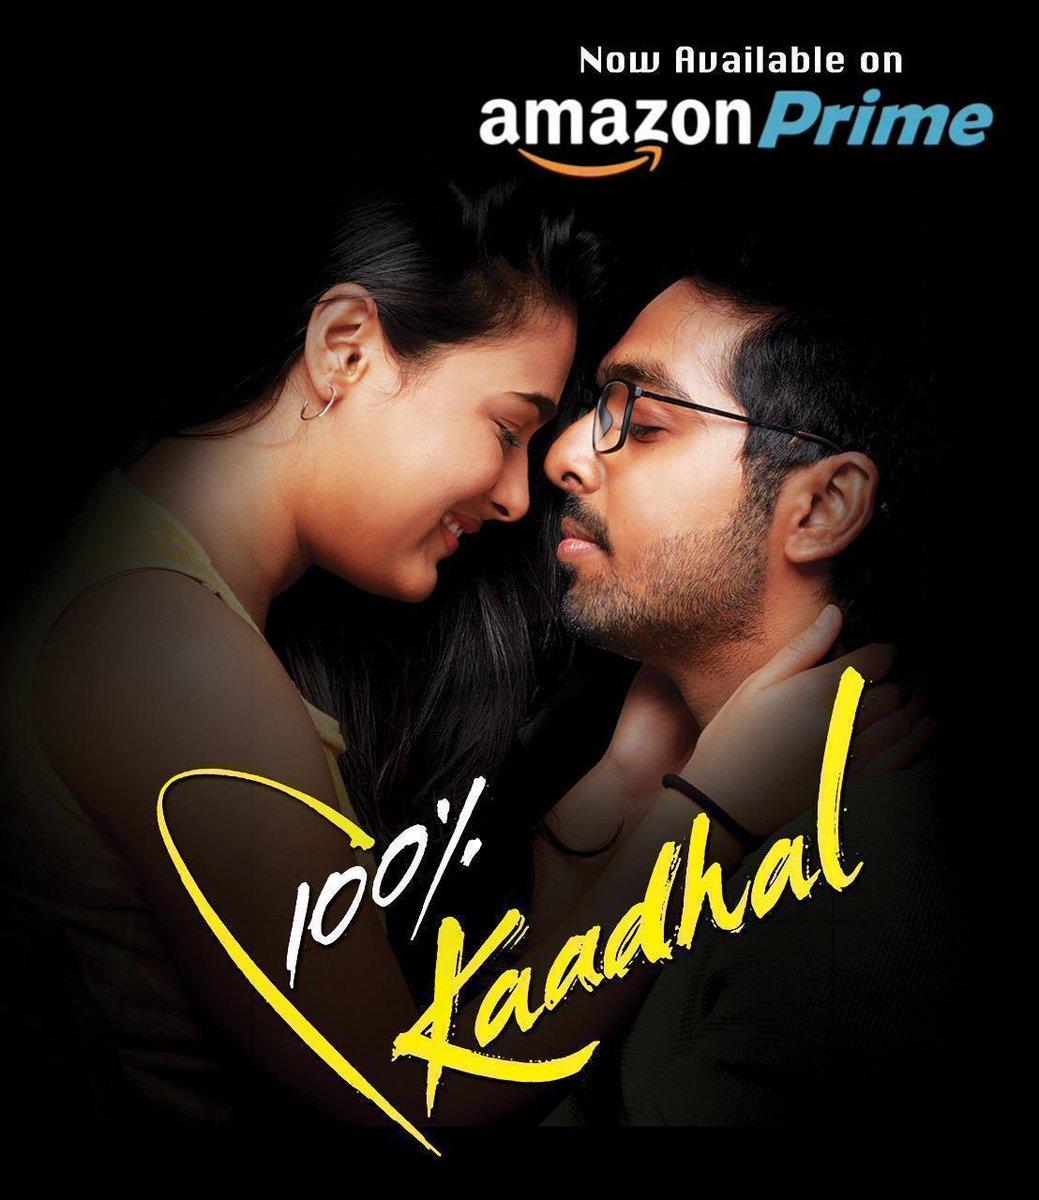 The moments of love #100PercentKaadhal now available on  @PrimeVideoIN @PrimeVideo #prime #PrimeVideo @SonyMusicSouth @onlynikil @gvprakash @ShaliniPandey_ @ShaliniPandeyfc @gvprakash_fans @TeamGvPrakash #Sukumarpic.twitter.com/jA4Nd80Lpq